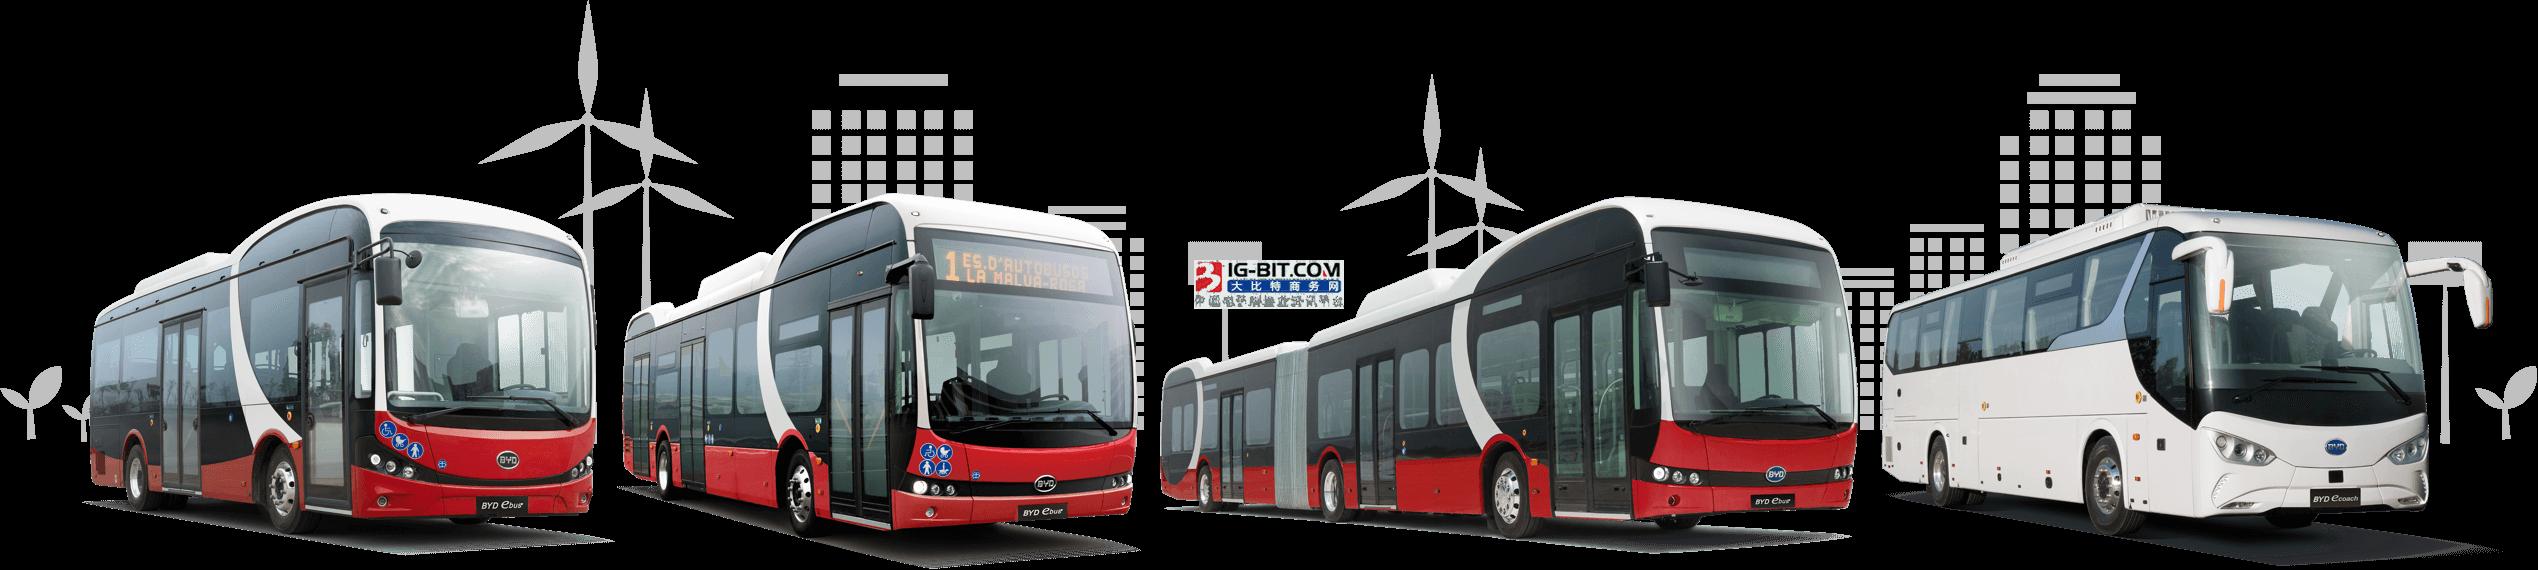 比亚迪驶入巴西首个纯电动快速公交系统